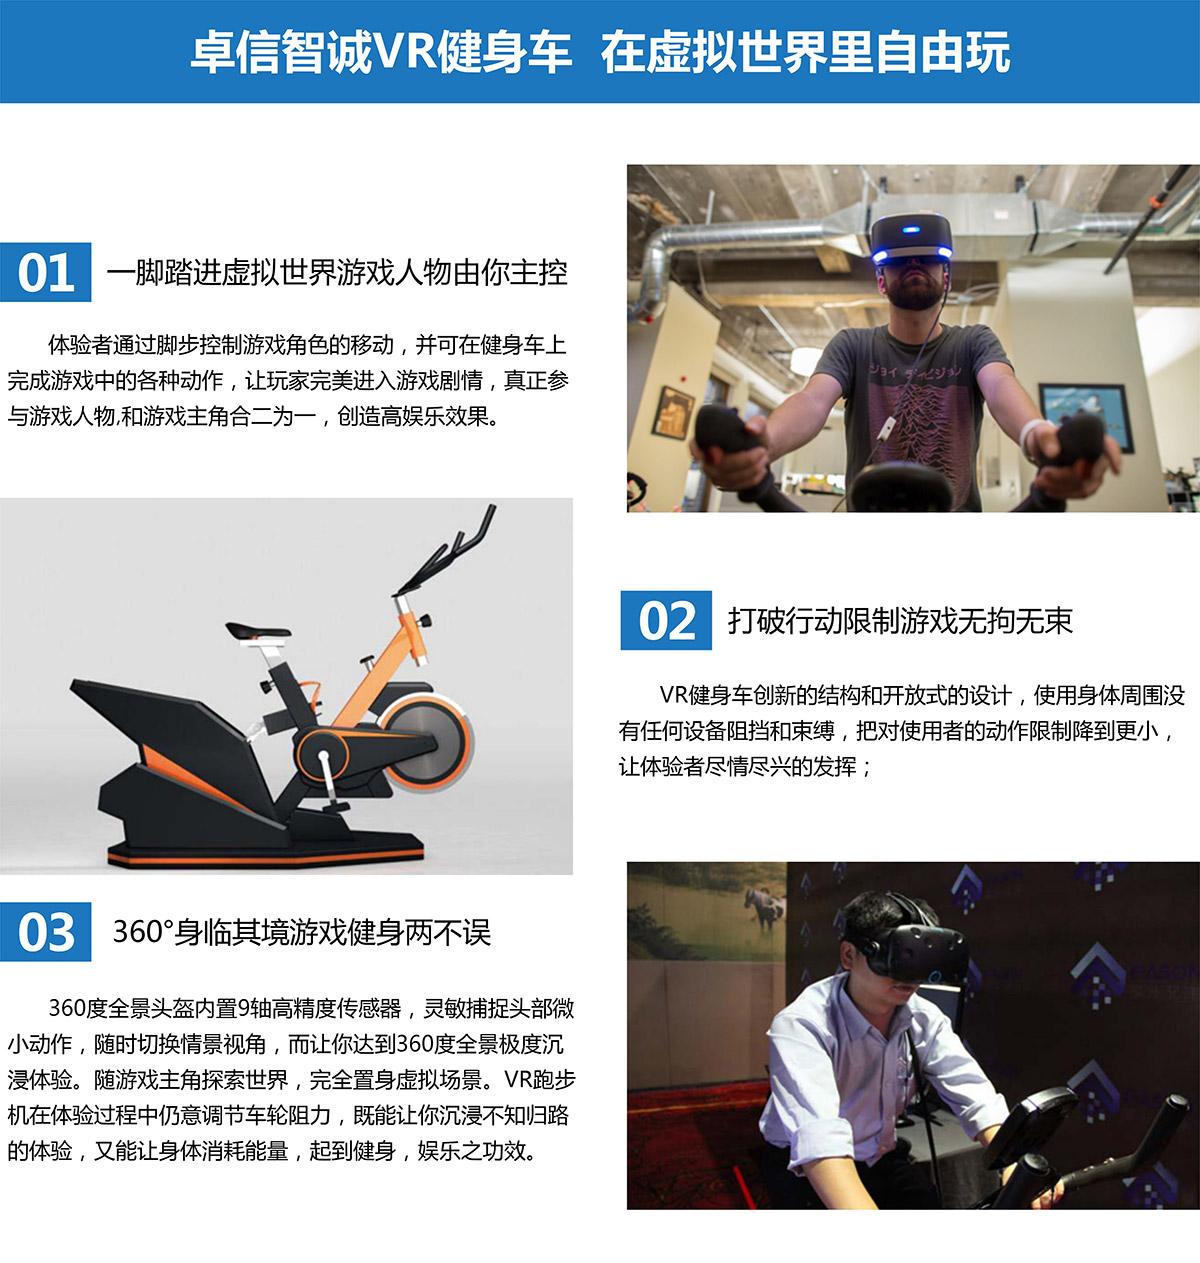 安全体验VR健身车在虚拟世界自由玩.jpg